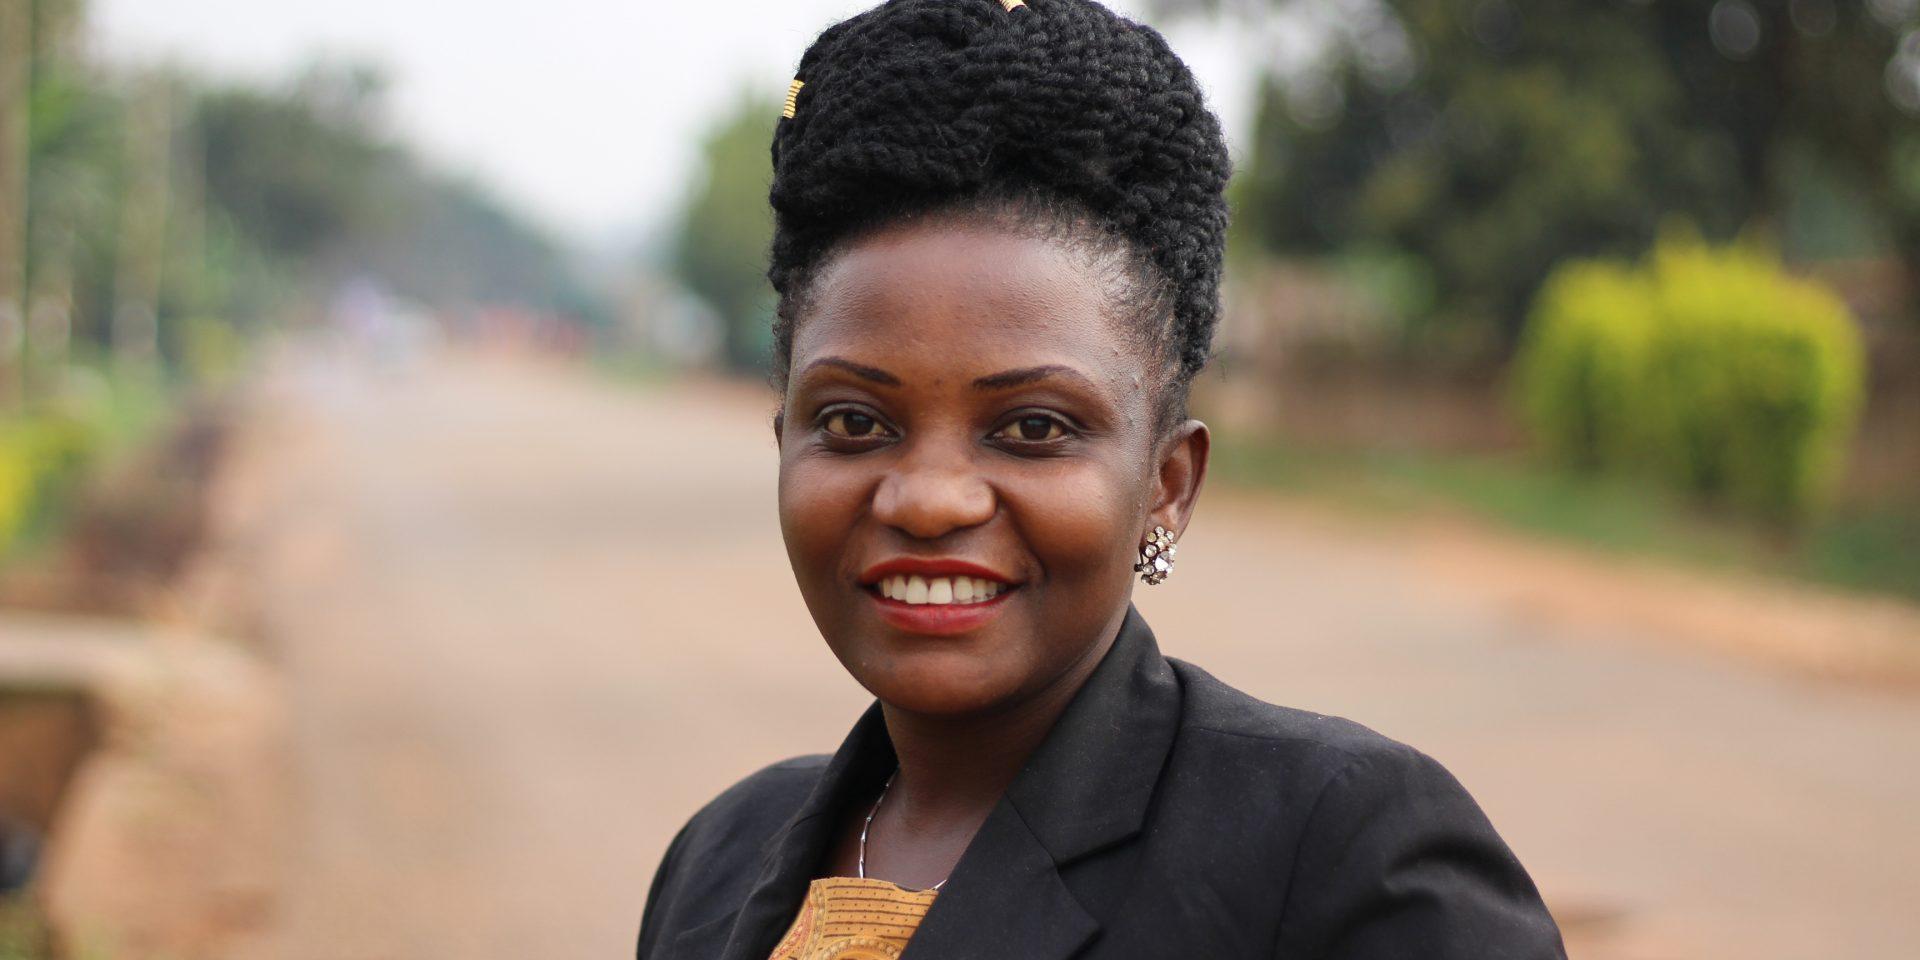 Prossy Babirye är ordförande för Ugandas samarbetsorganisation för människorättsorganisationer, NCHRD-U.